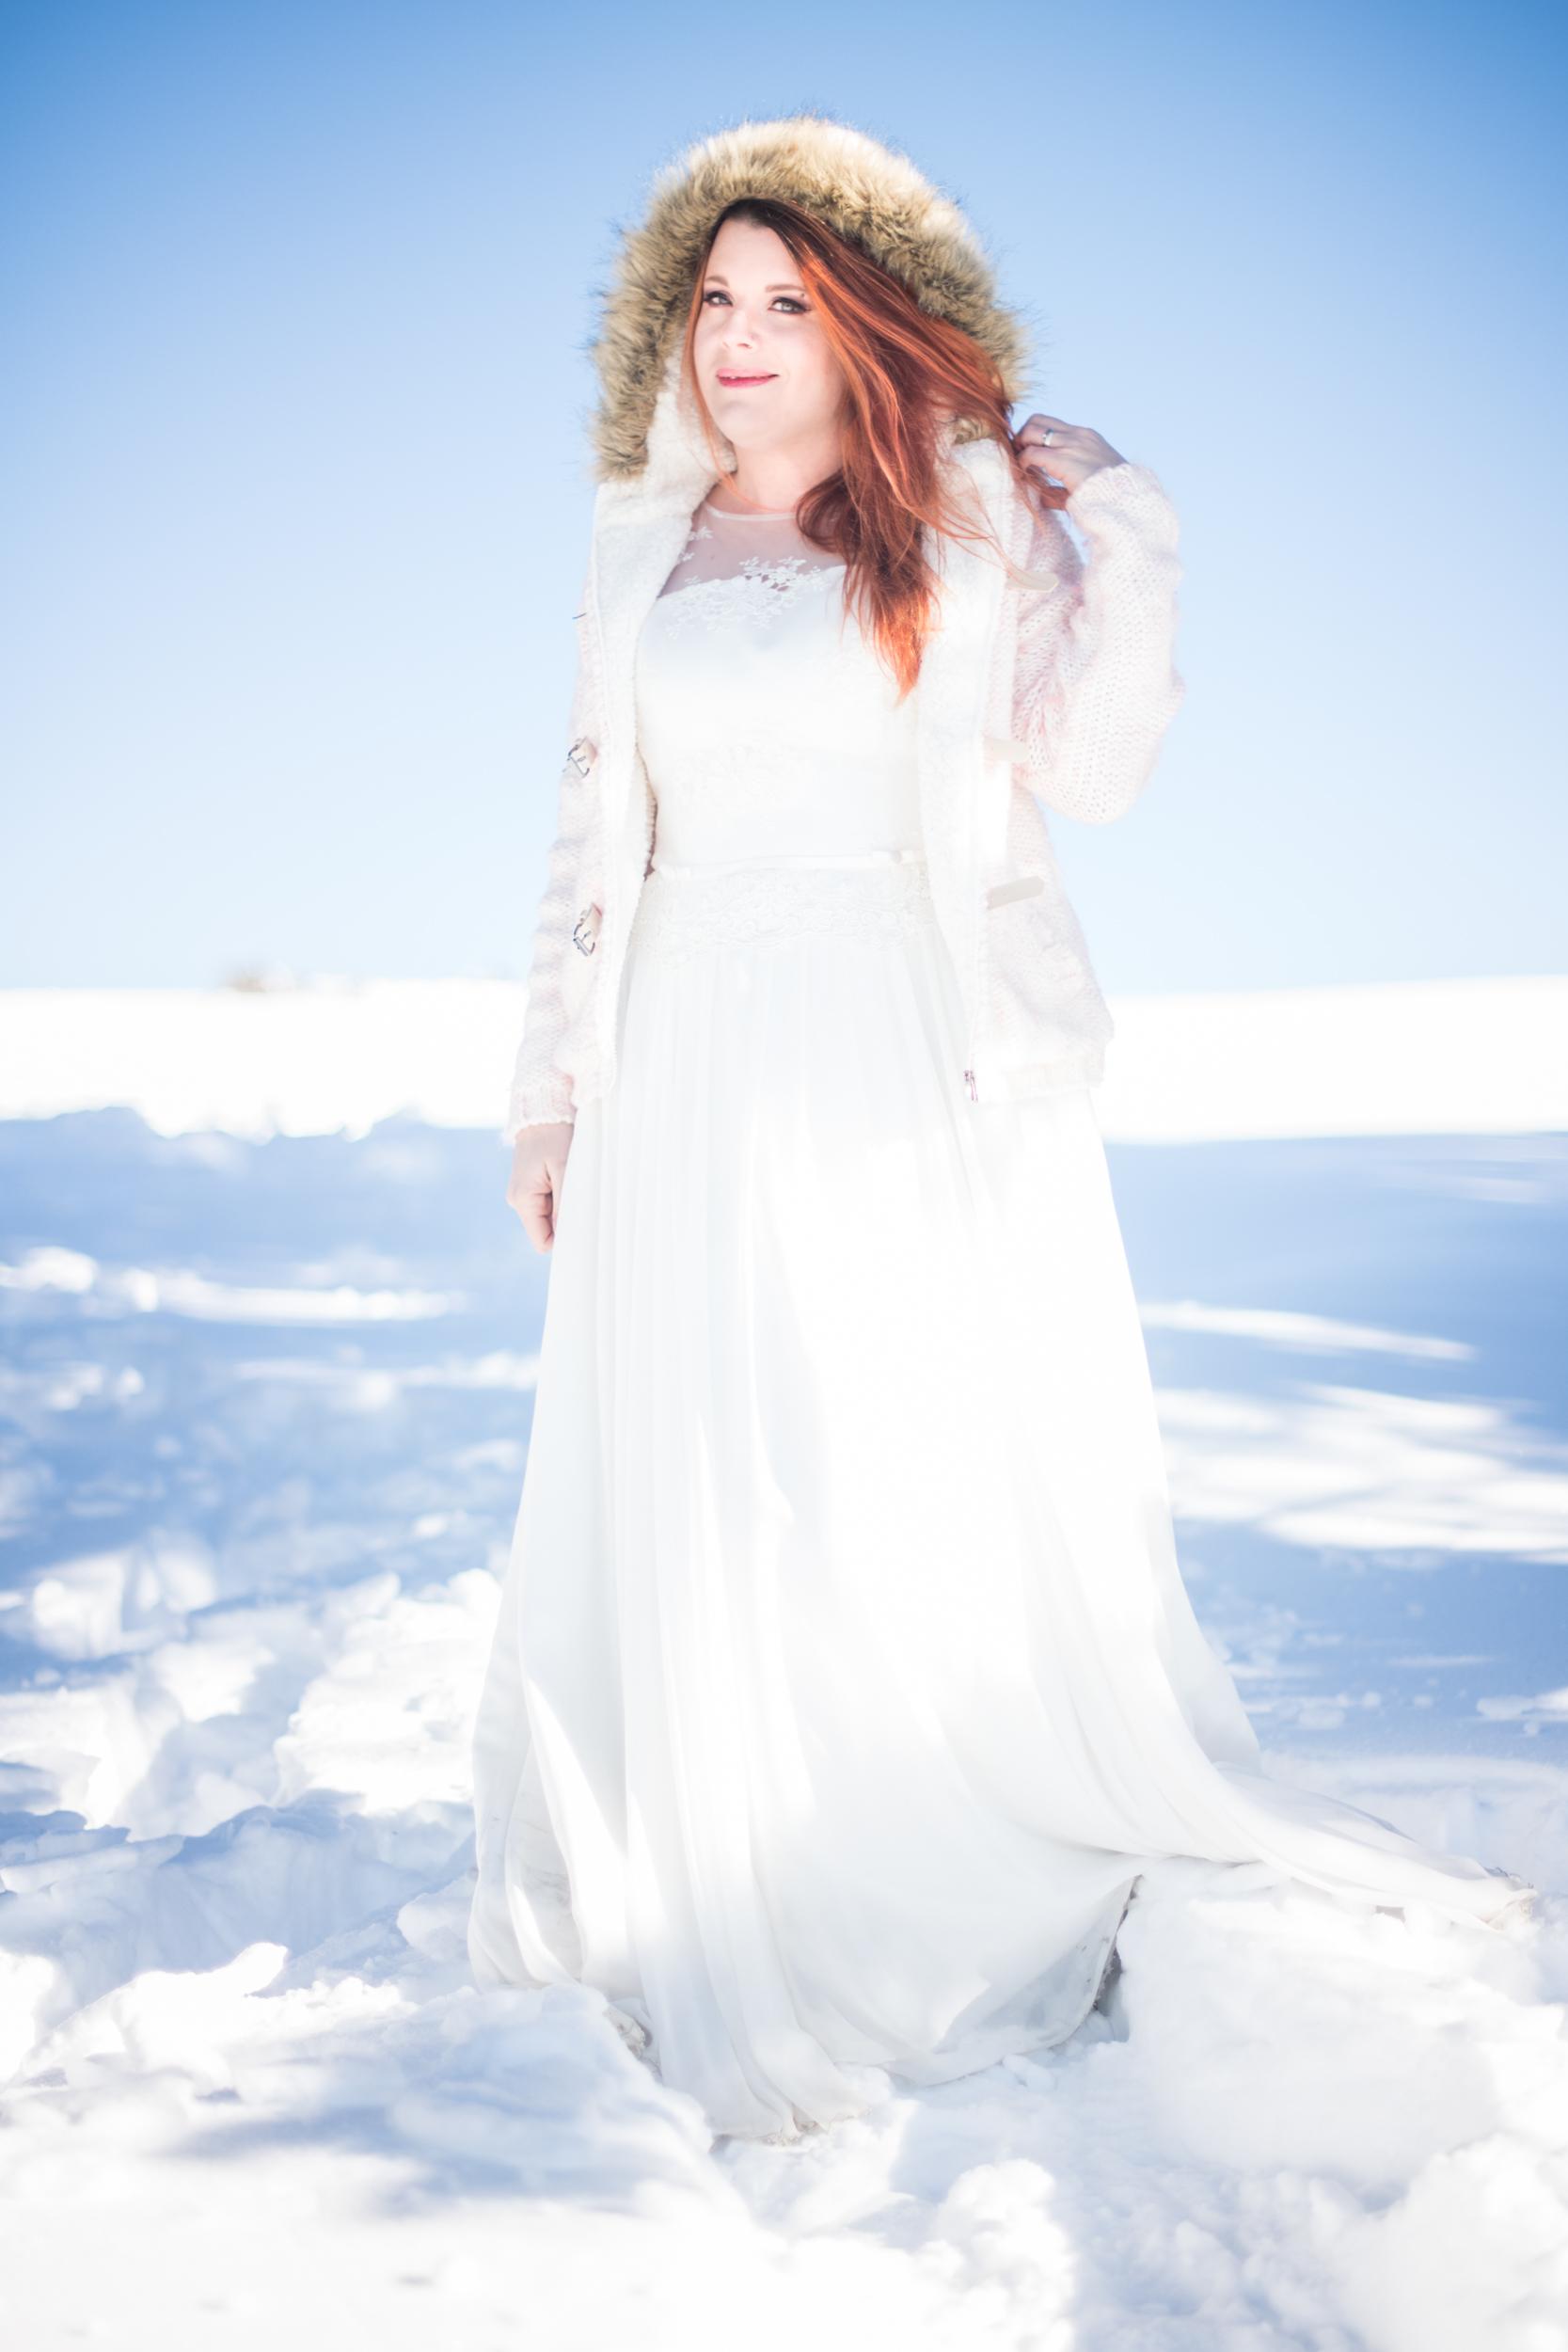 Mariage hiver dans la neige